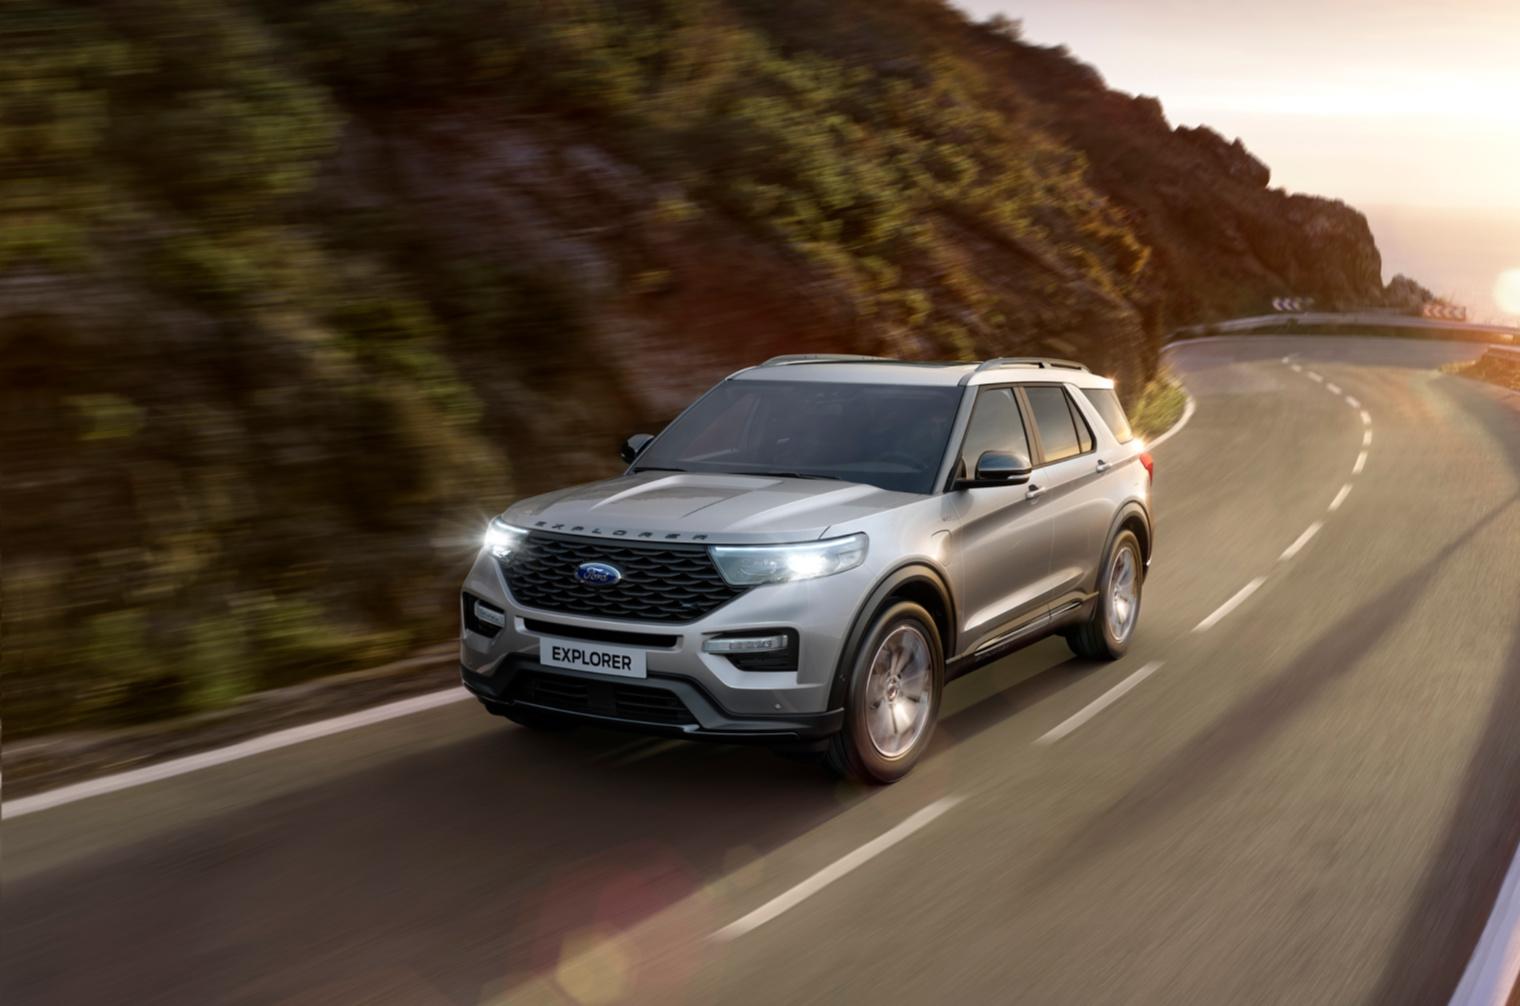 Nuova-Ford-Explorer-2020 noleggio lungo termine